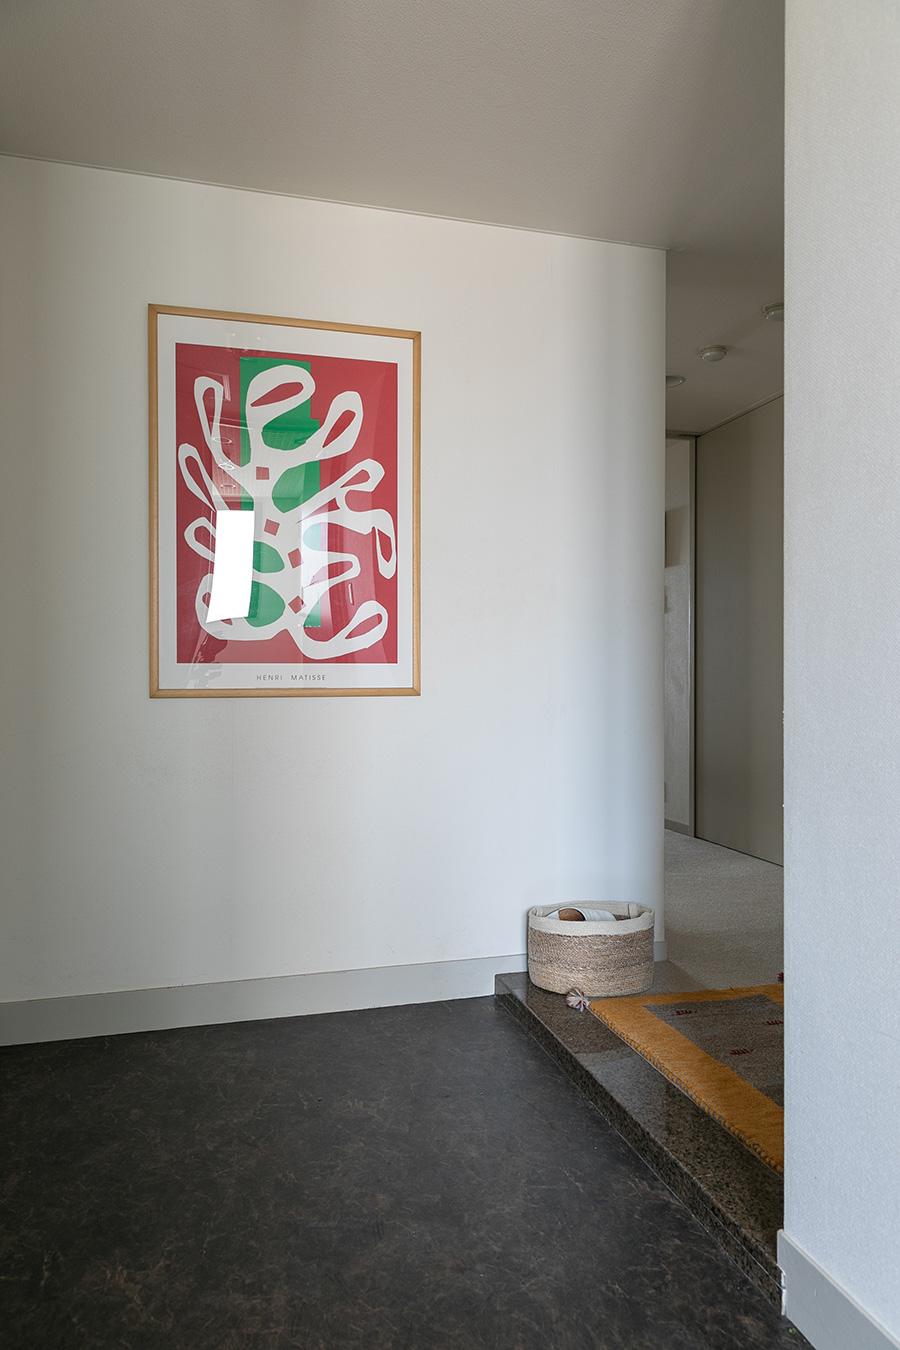 玄関には、観る人を元気にしてくれそうな赤が効いたマティスの絵画。